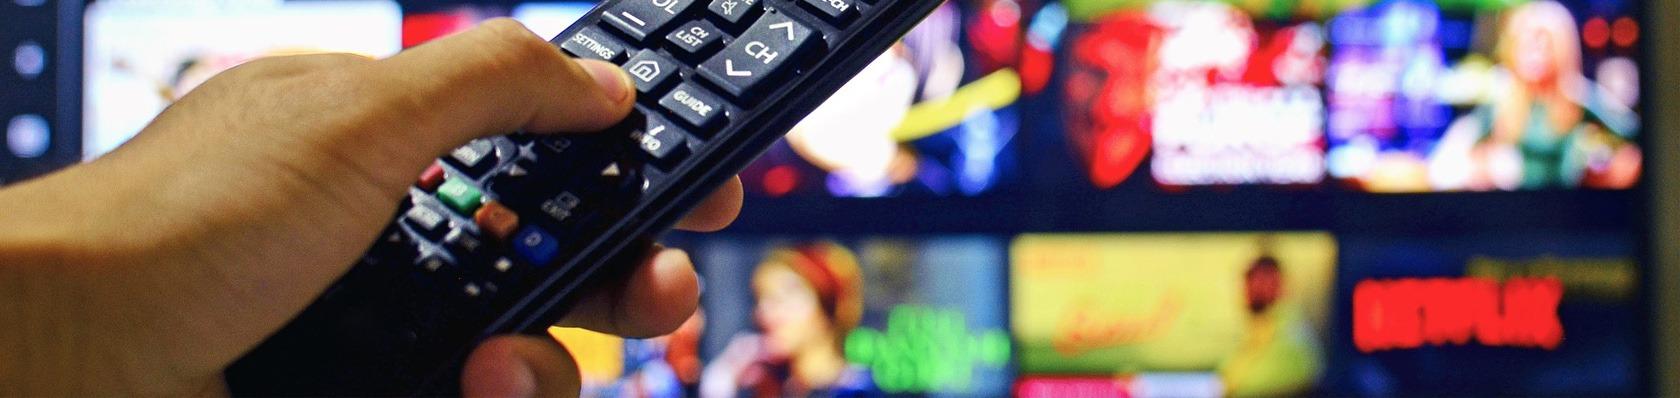 Video on Demand Anbieter im Test auf ExpertenTesten.de